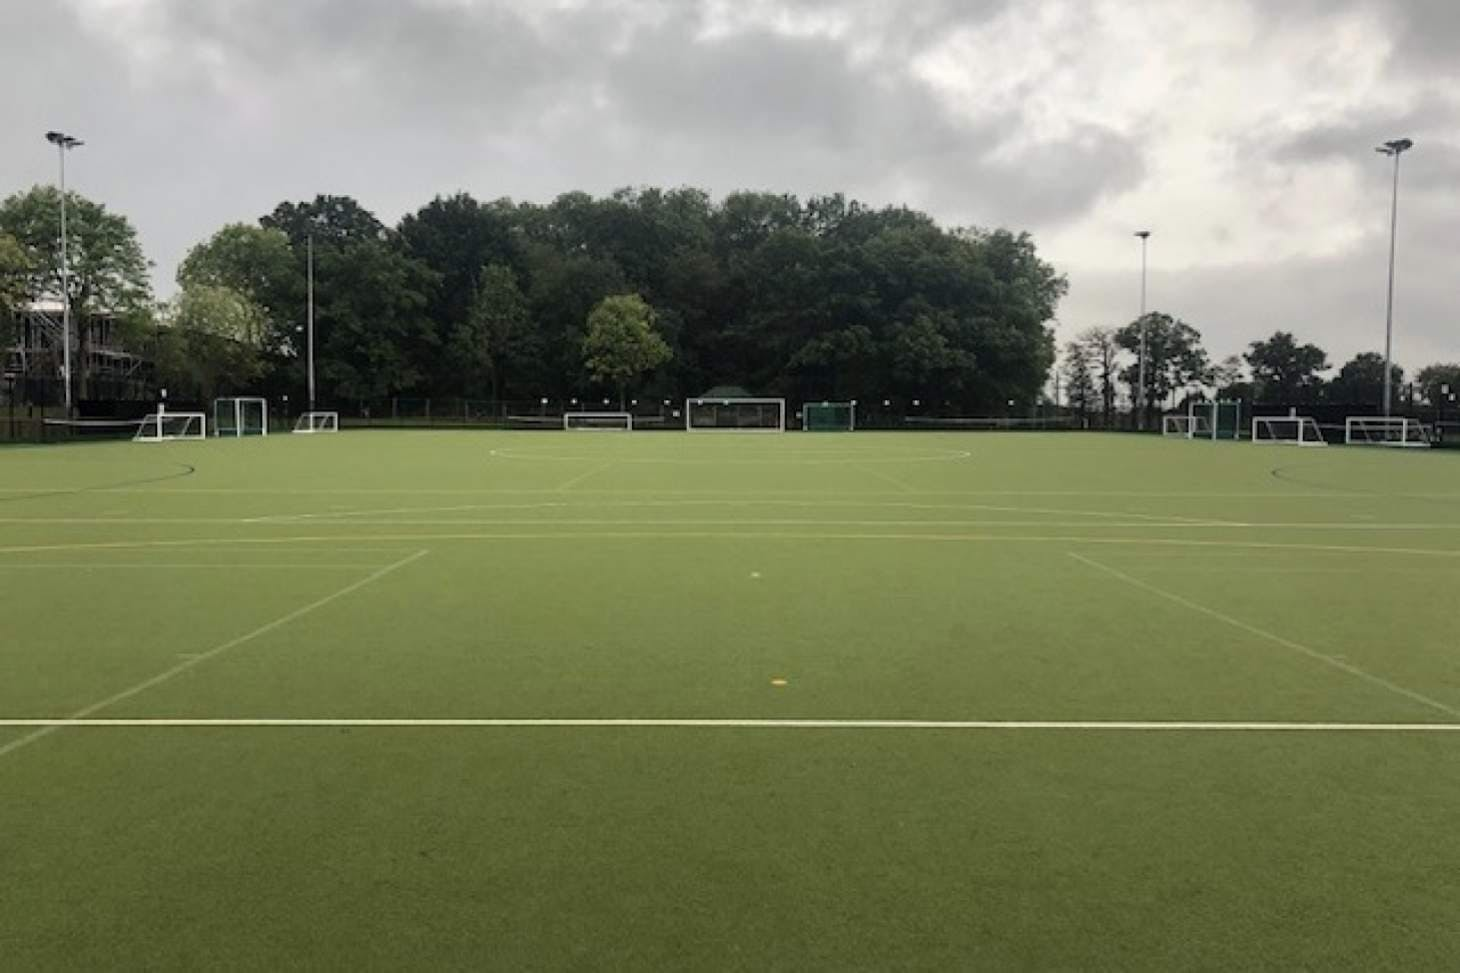 Beaumont School Outdoor | Astroturf hockey pitch